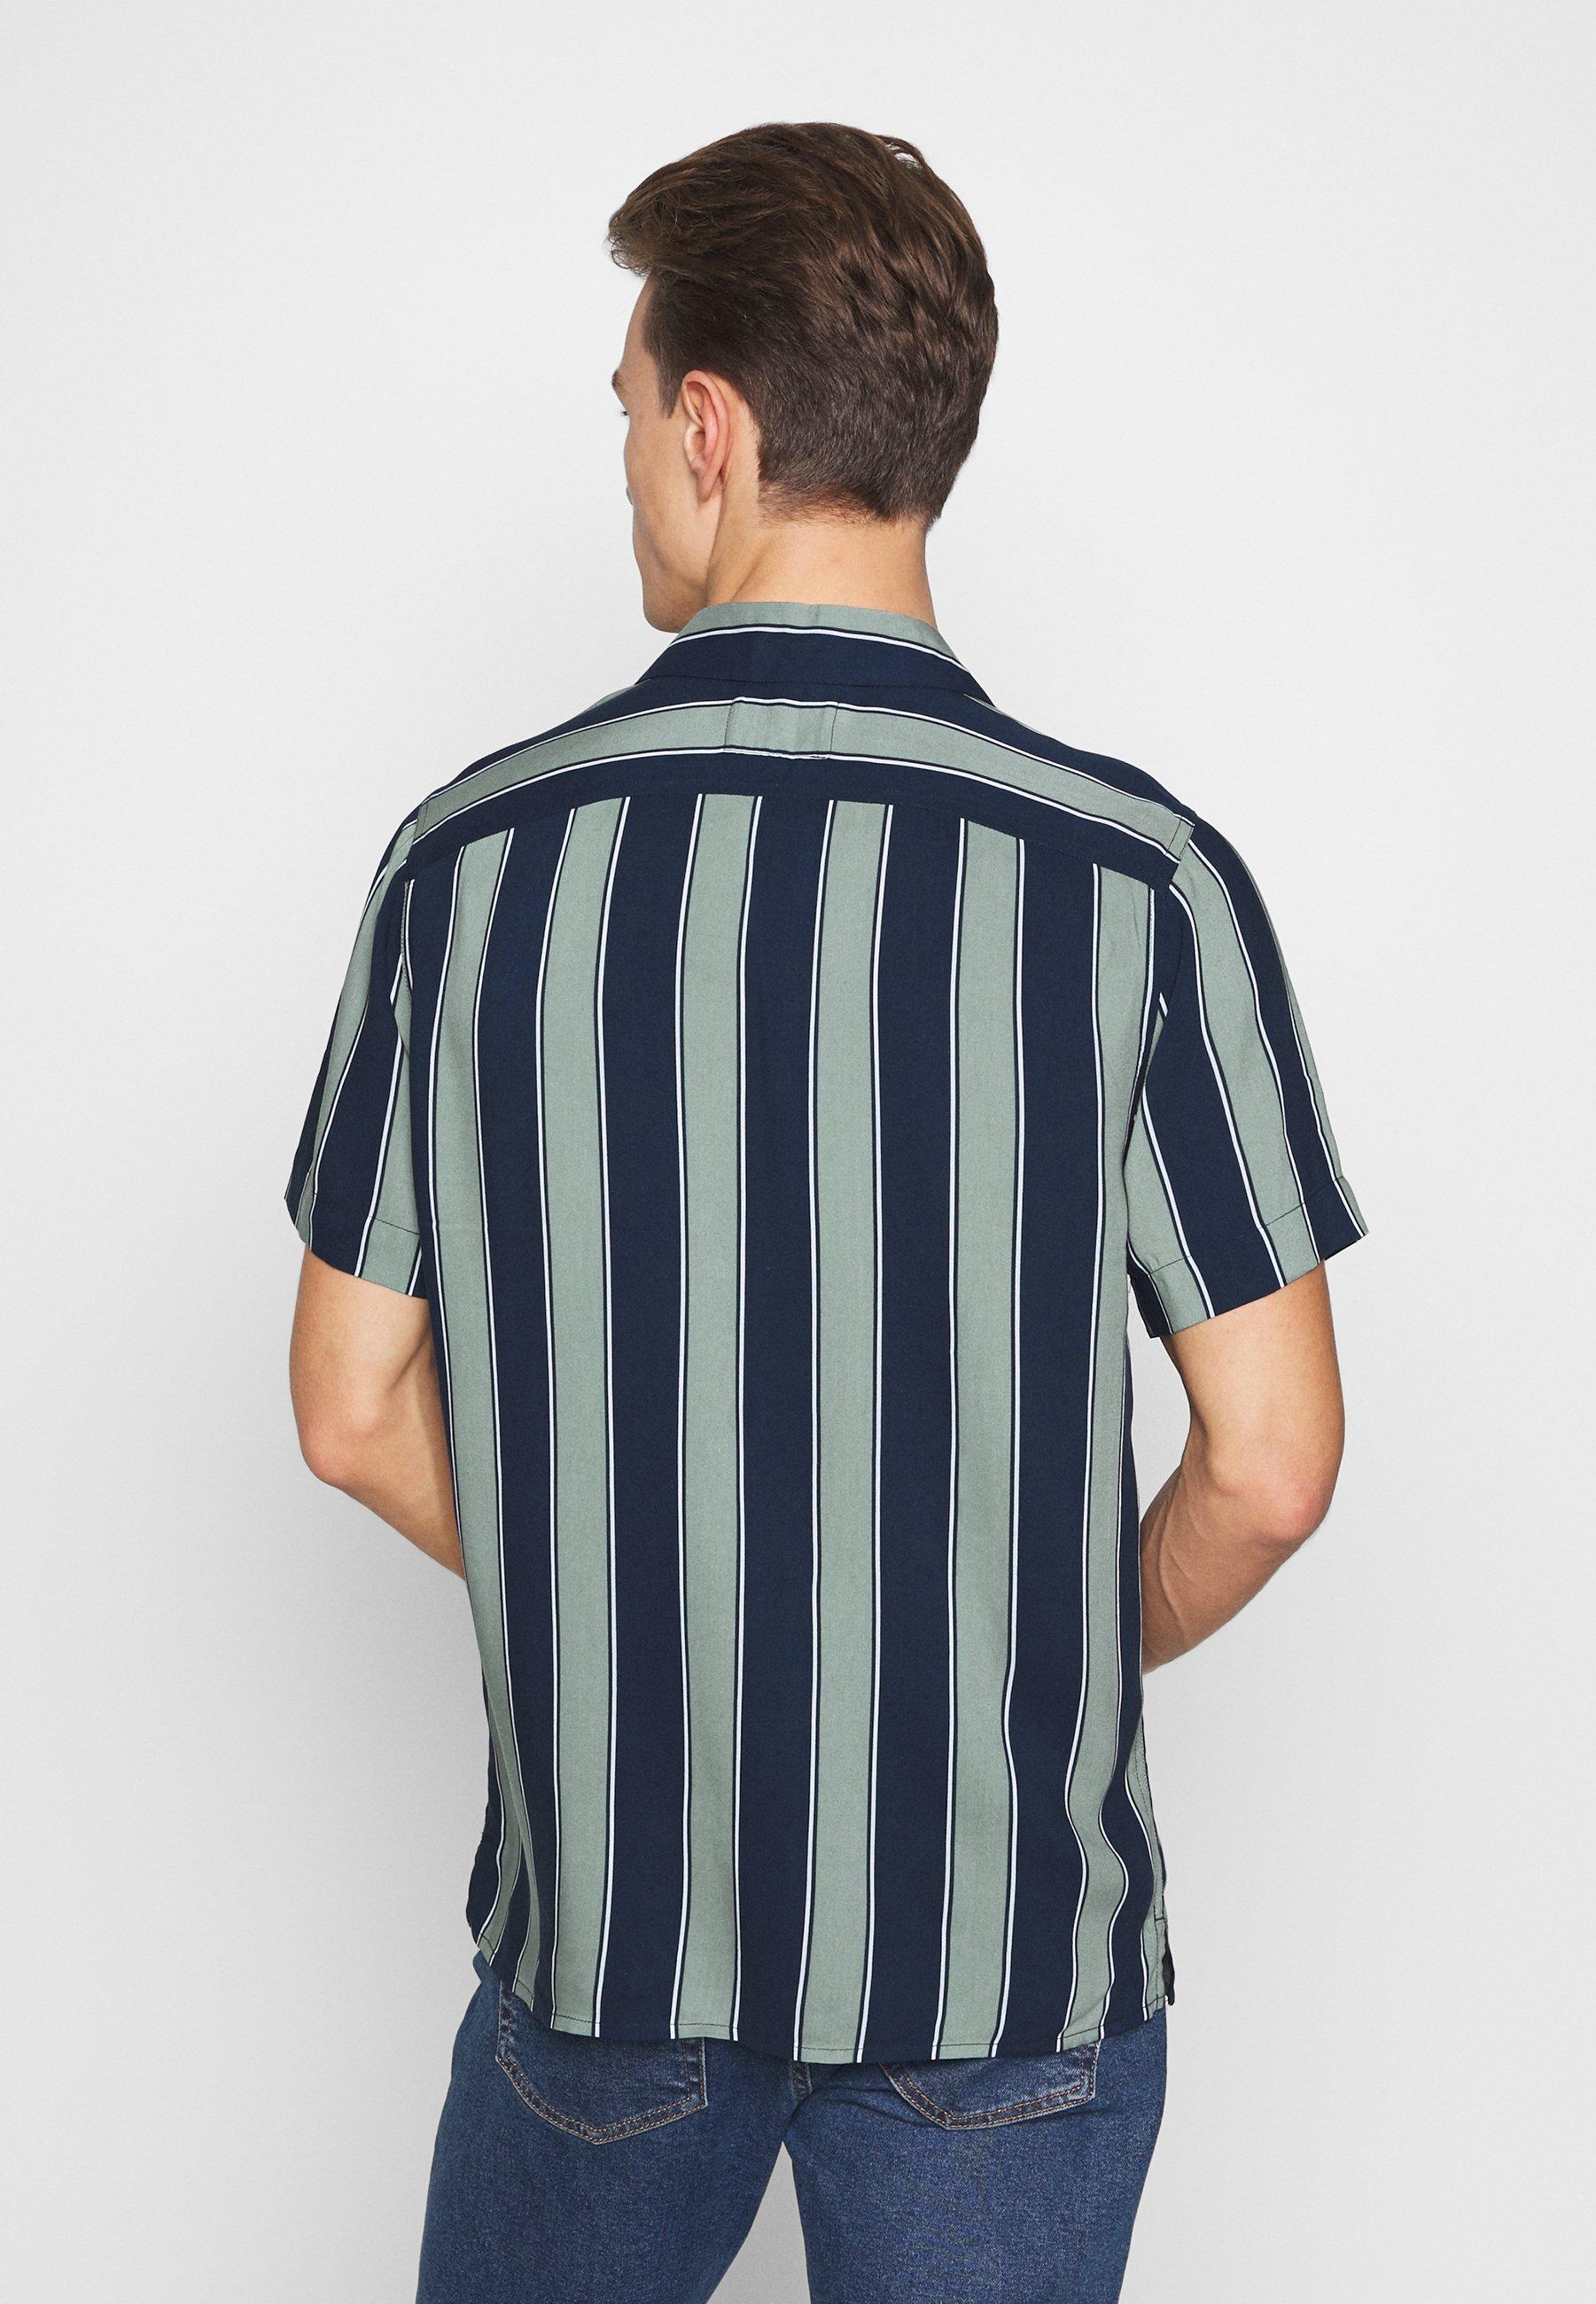 Hollister Co. Camicia - Dark Blue I8PVU